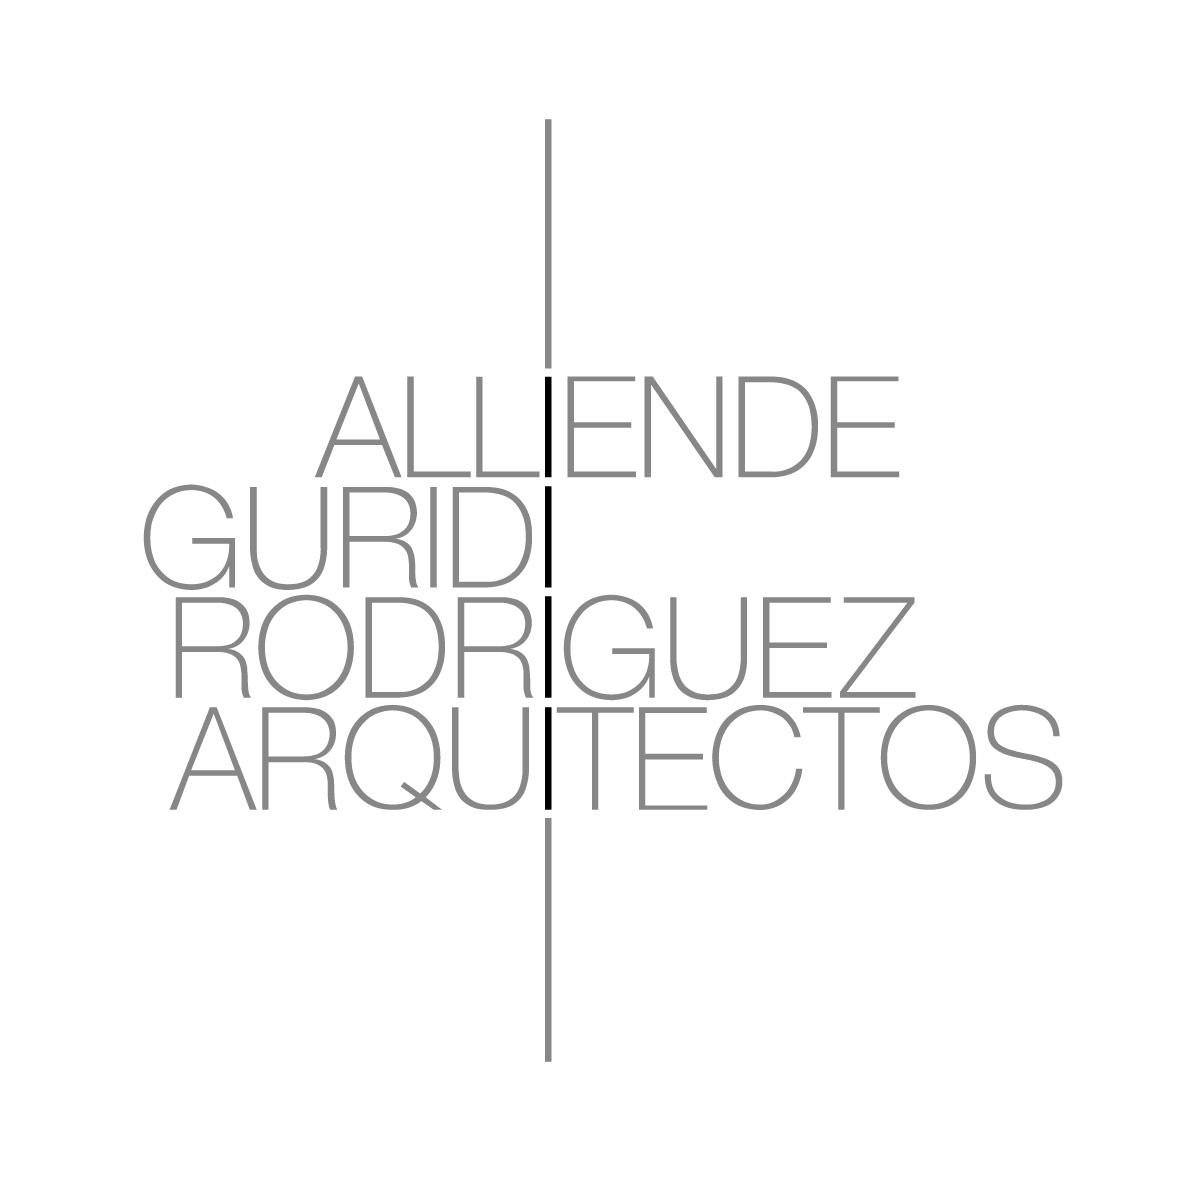 Alliende Guridi Rodrigues Arquitectos